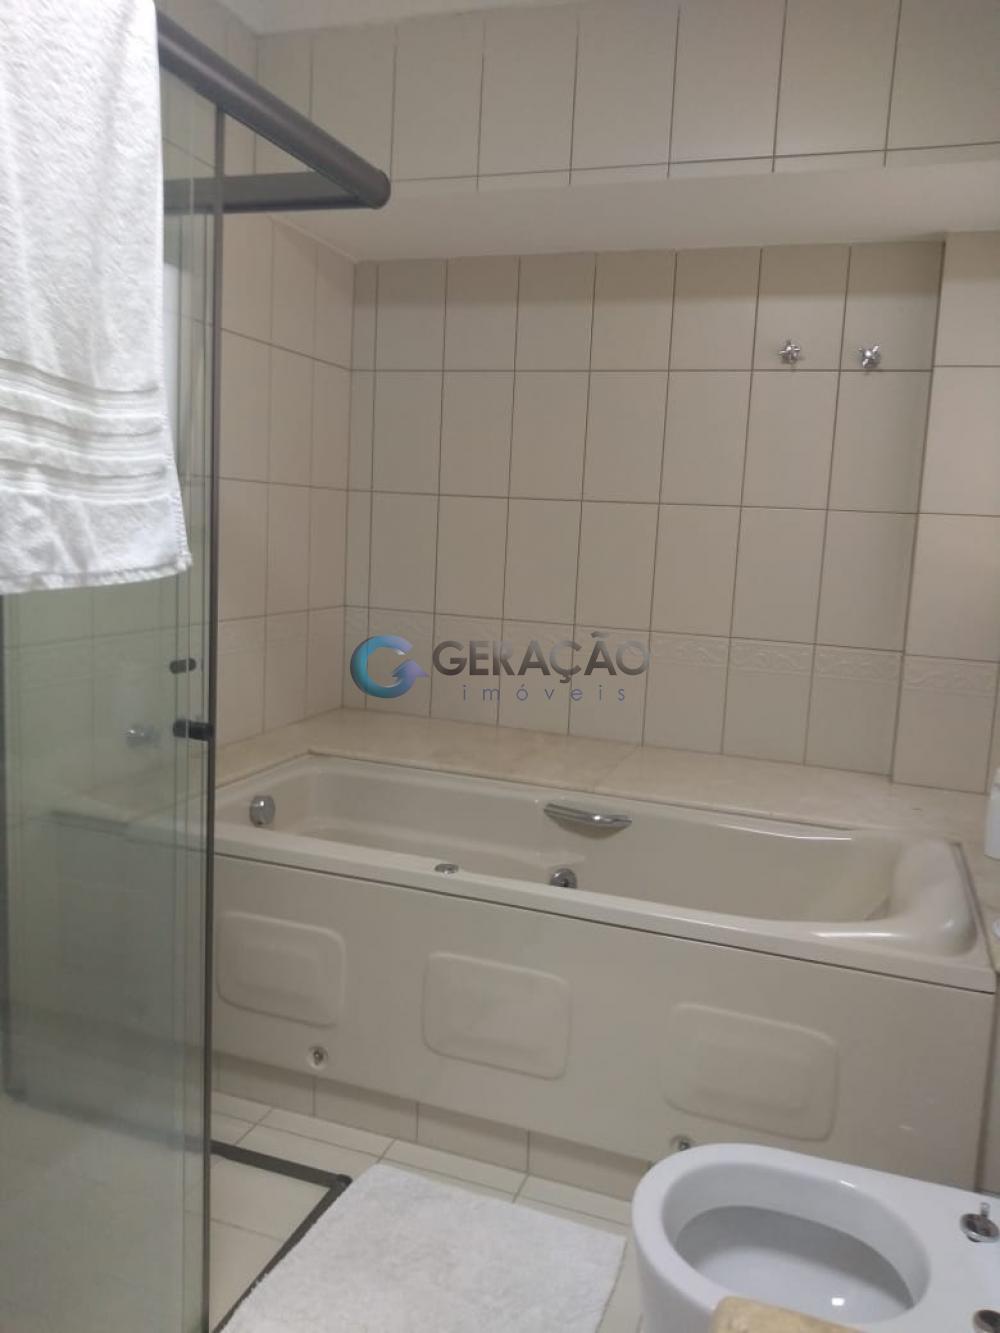 Comprar Apartamento / Padrão em São José dos Campos apenas R$ 1.300.000,00 - Foto 11